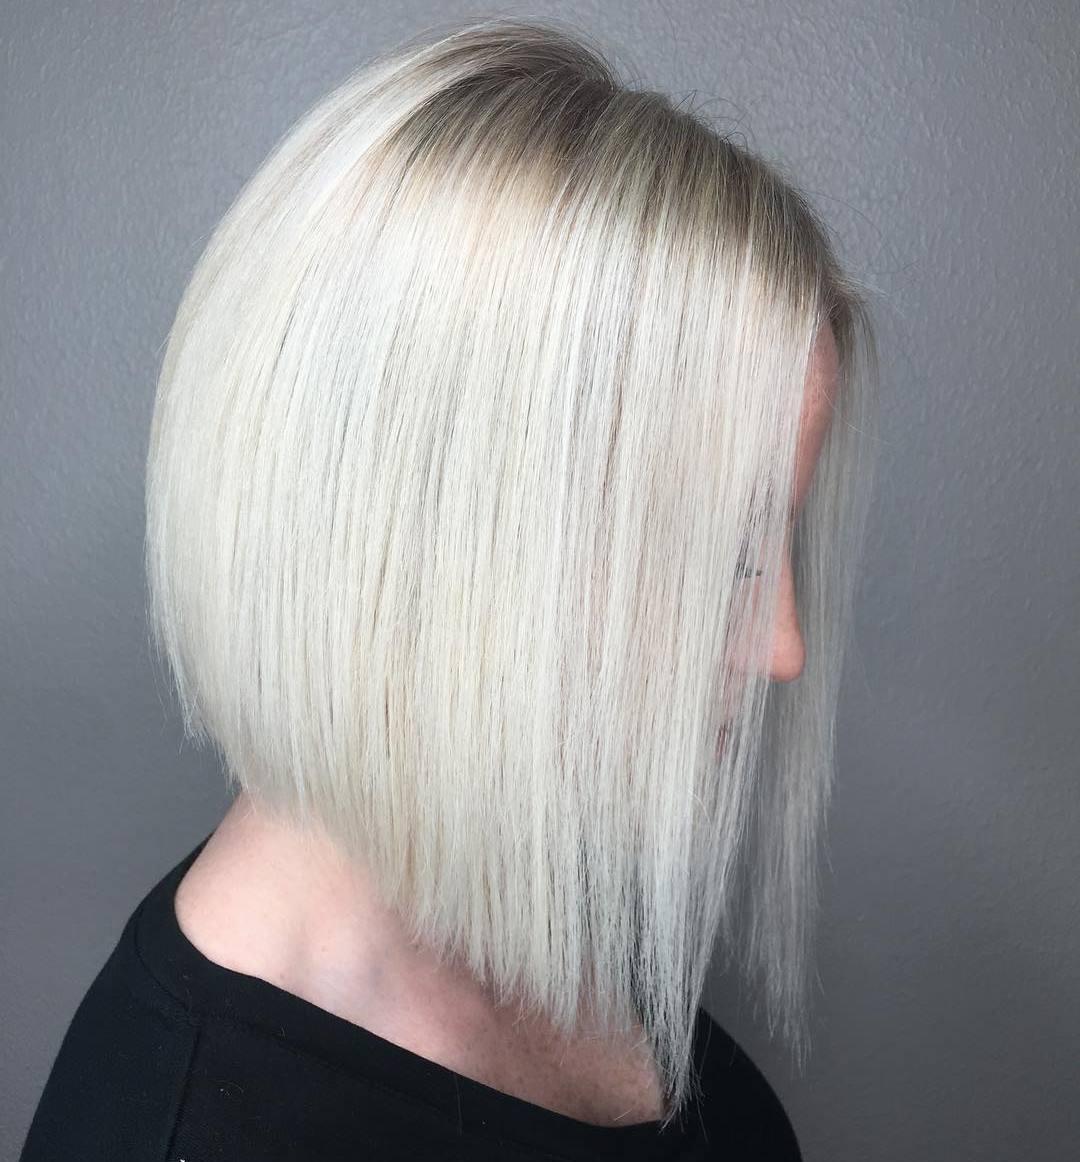 градуированная стрижка каре для тонких волос